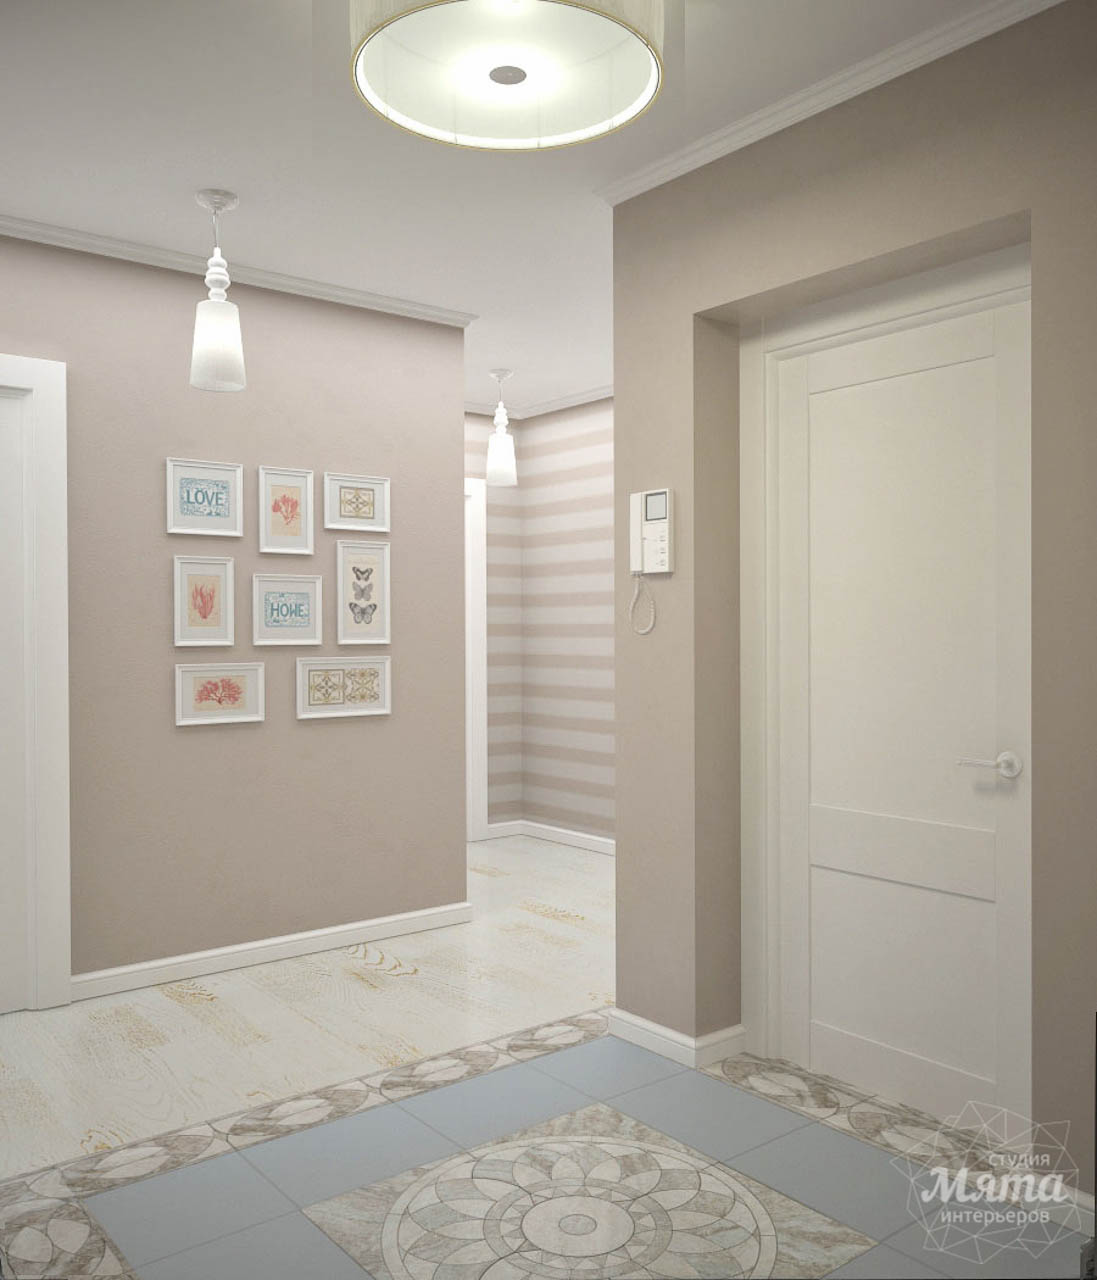 Дизайн интерьера и ремонт трехкомнатной квартиры по ул. Фучика 9 img468232860